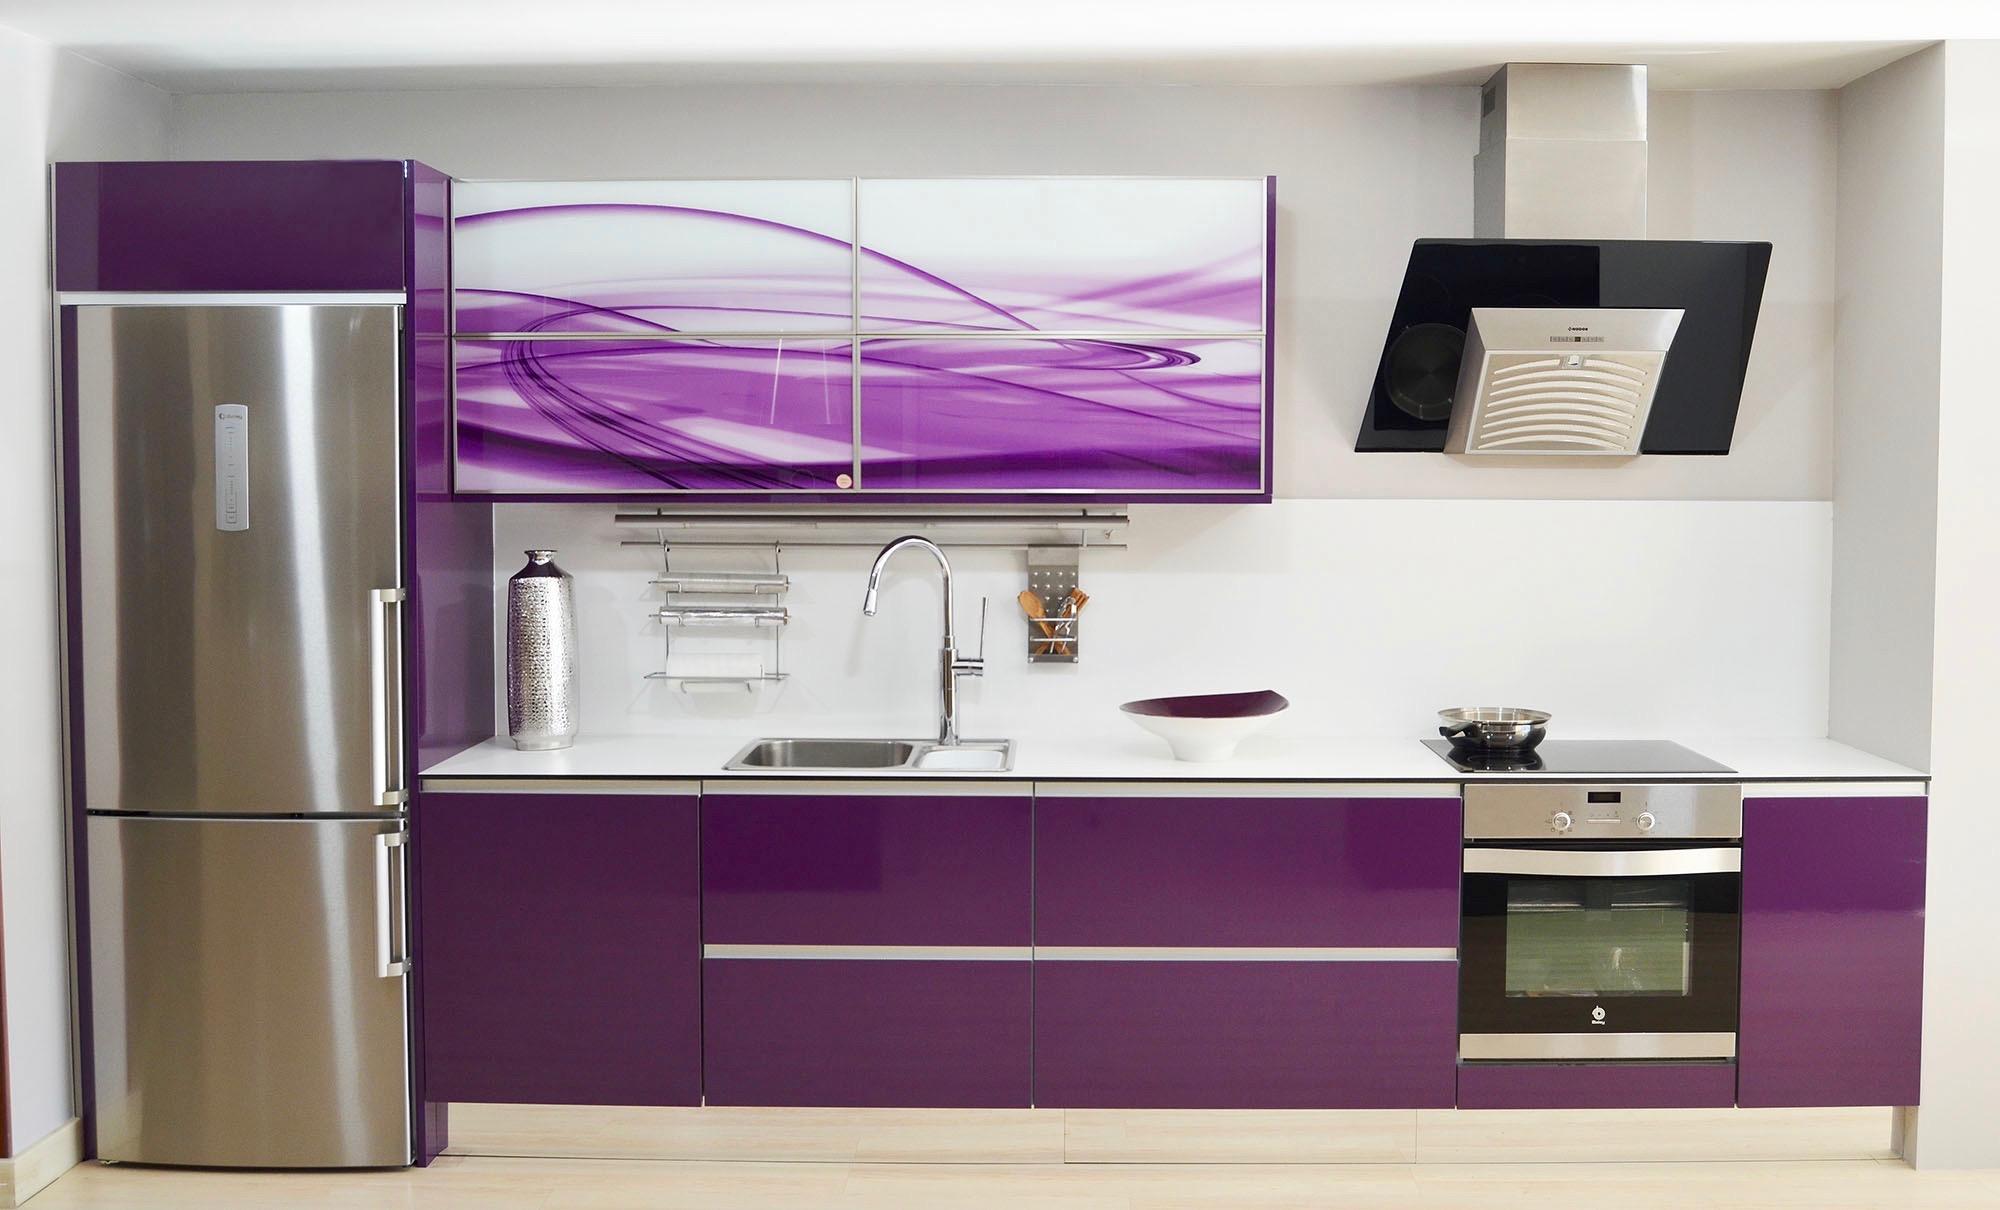 Nuestras cocinas elegantes00 josman hermanos tienda de Cocinas y banos modernos